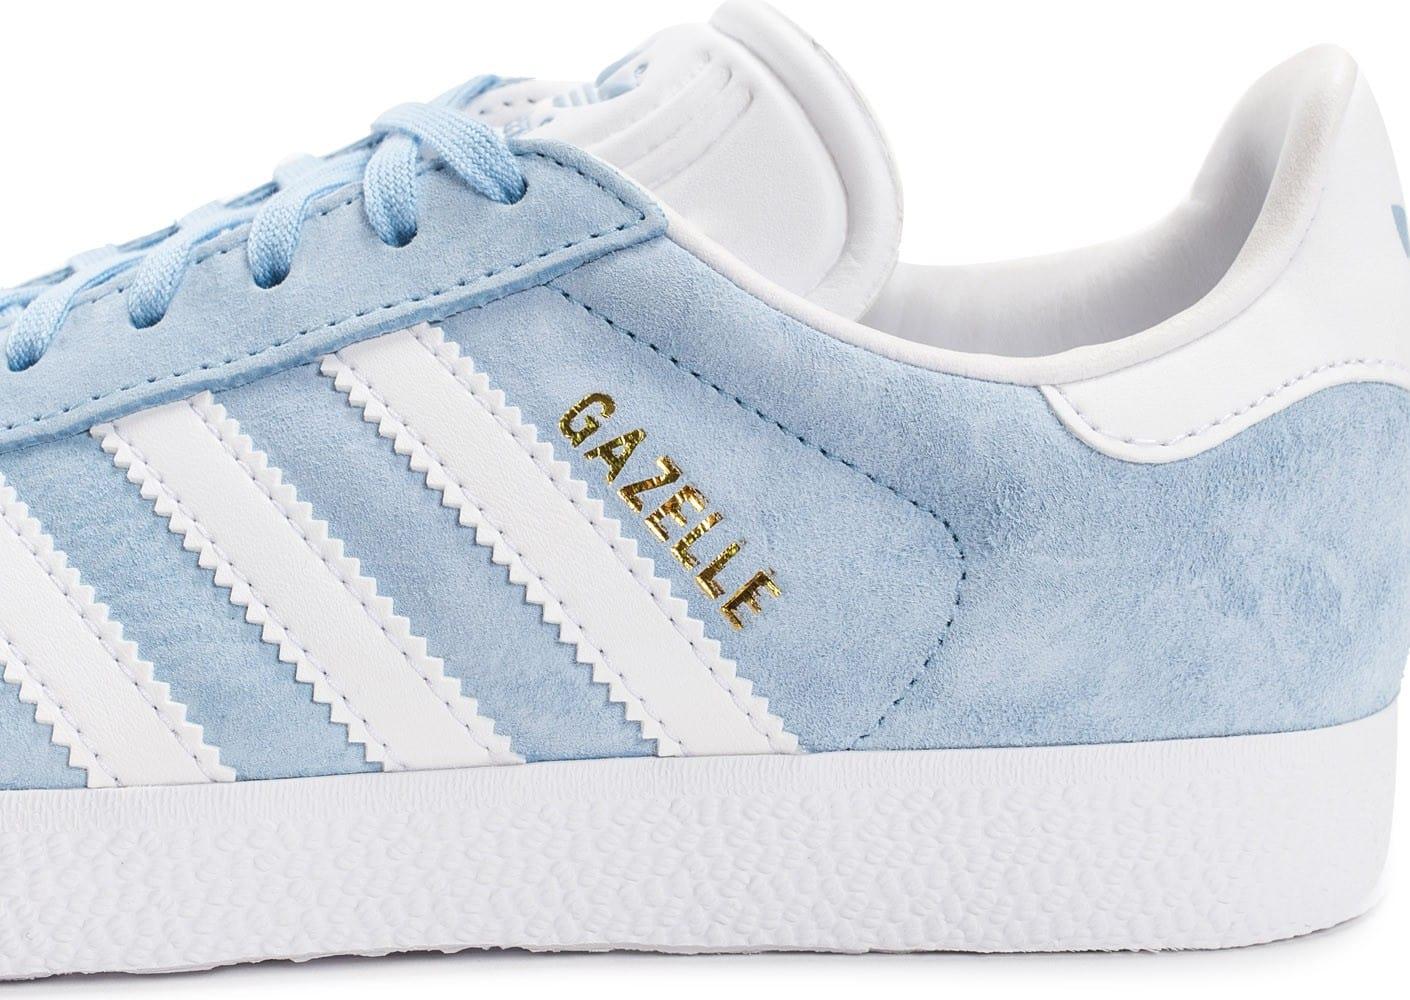 adidas gazelle femme bleu ciel